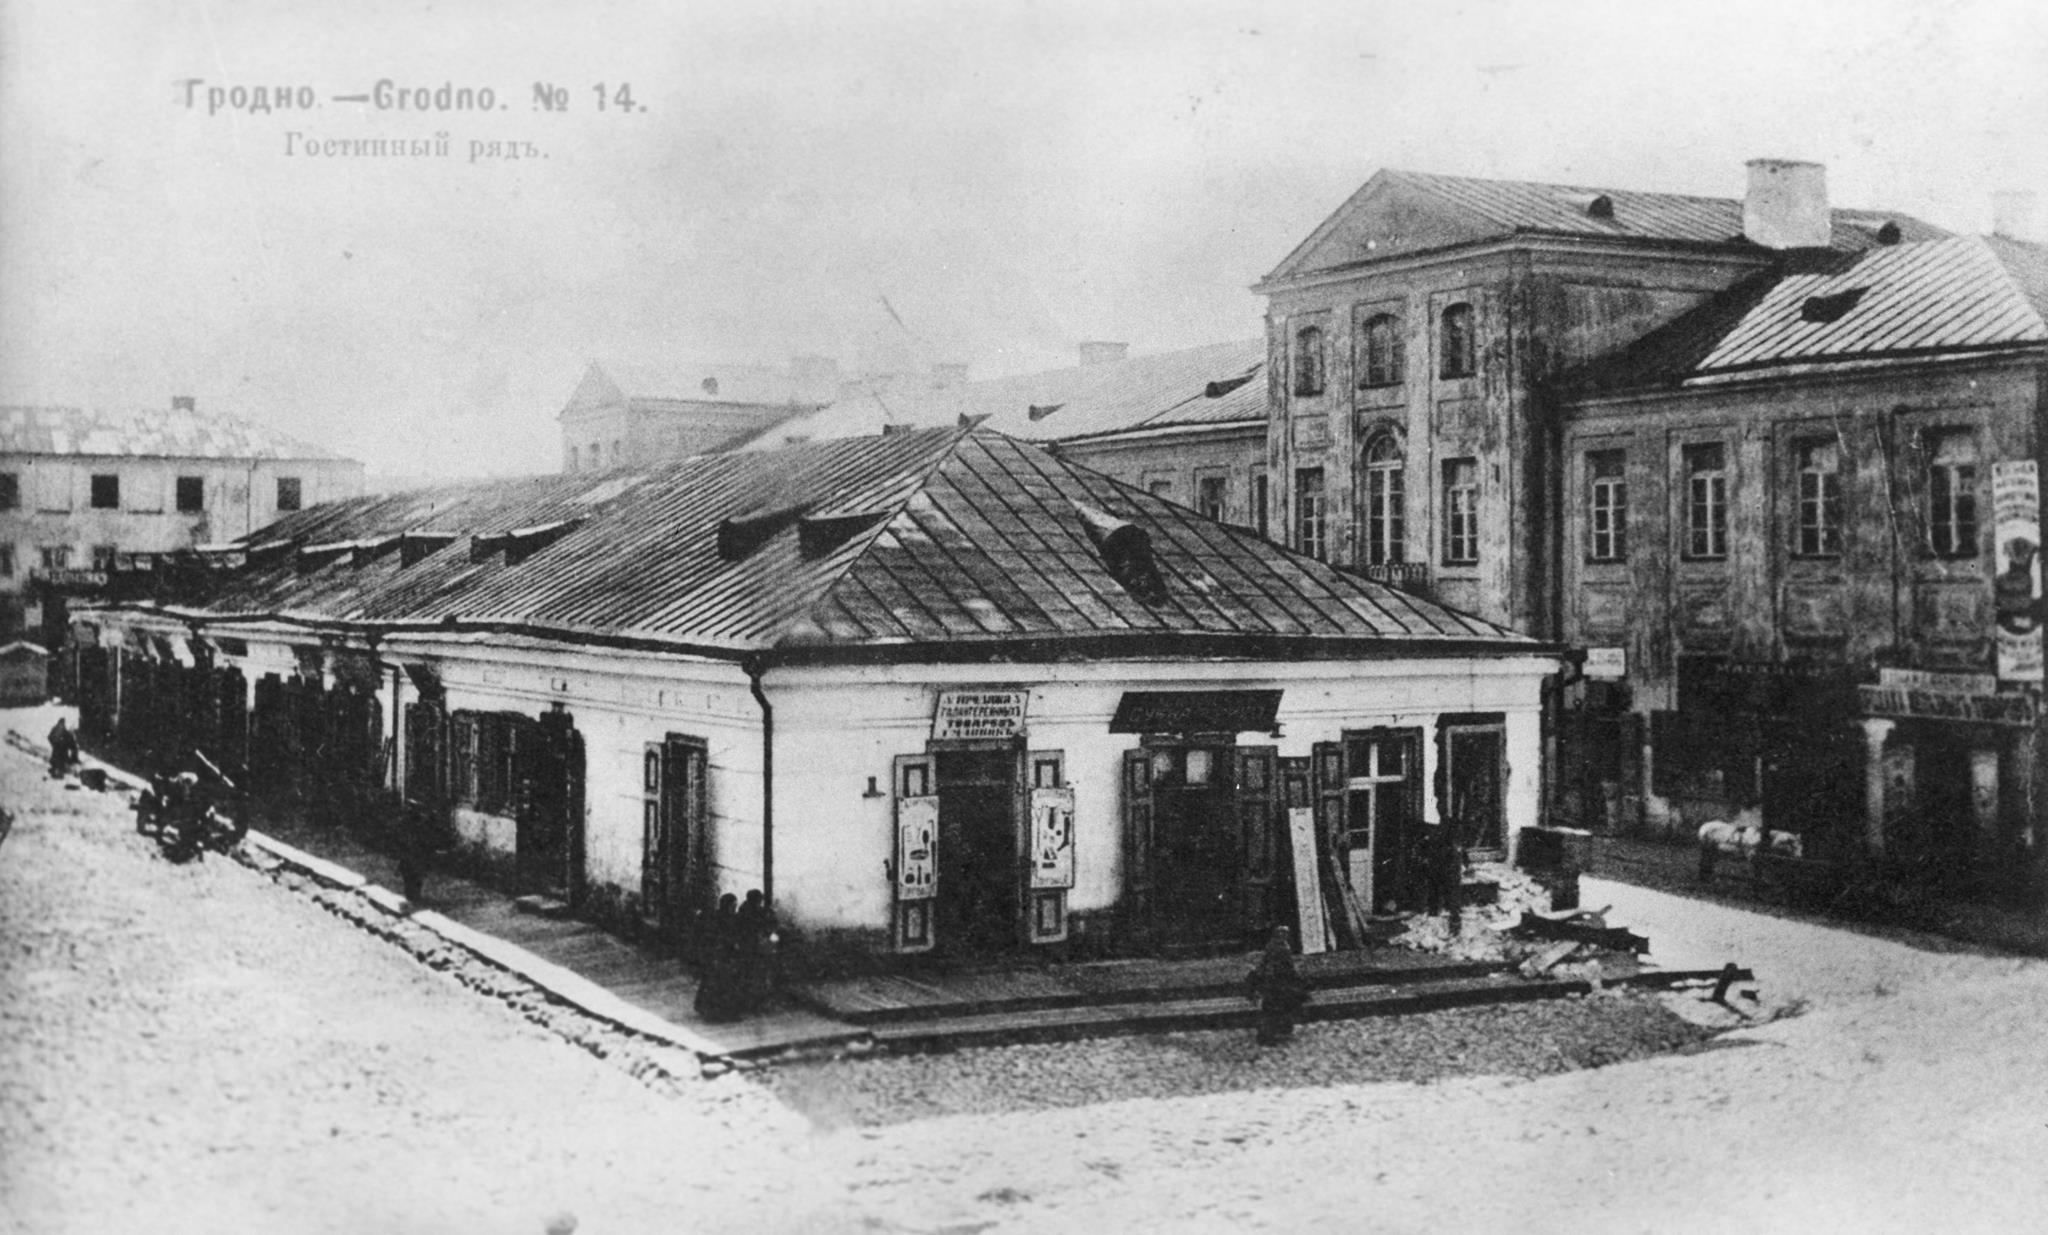 Біржавая плошча, фота к. 19 - пач. 20 стст. На пярэднім плане стаяць гандлёвыя рады, узведзеныя ў 1870 г. На заднім плане - дом Брэгмана, былы палац Радзівілаў.